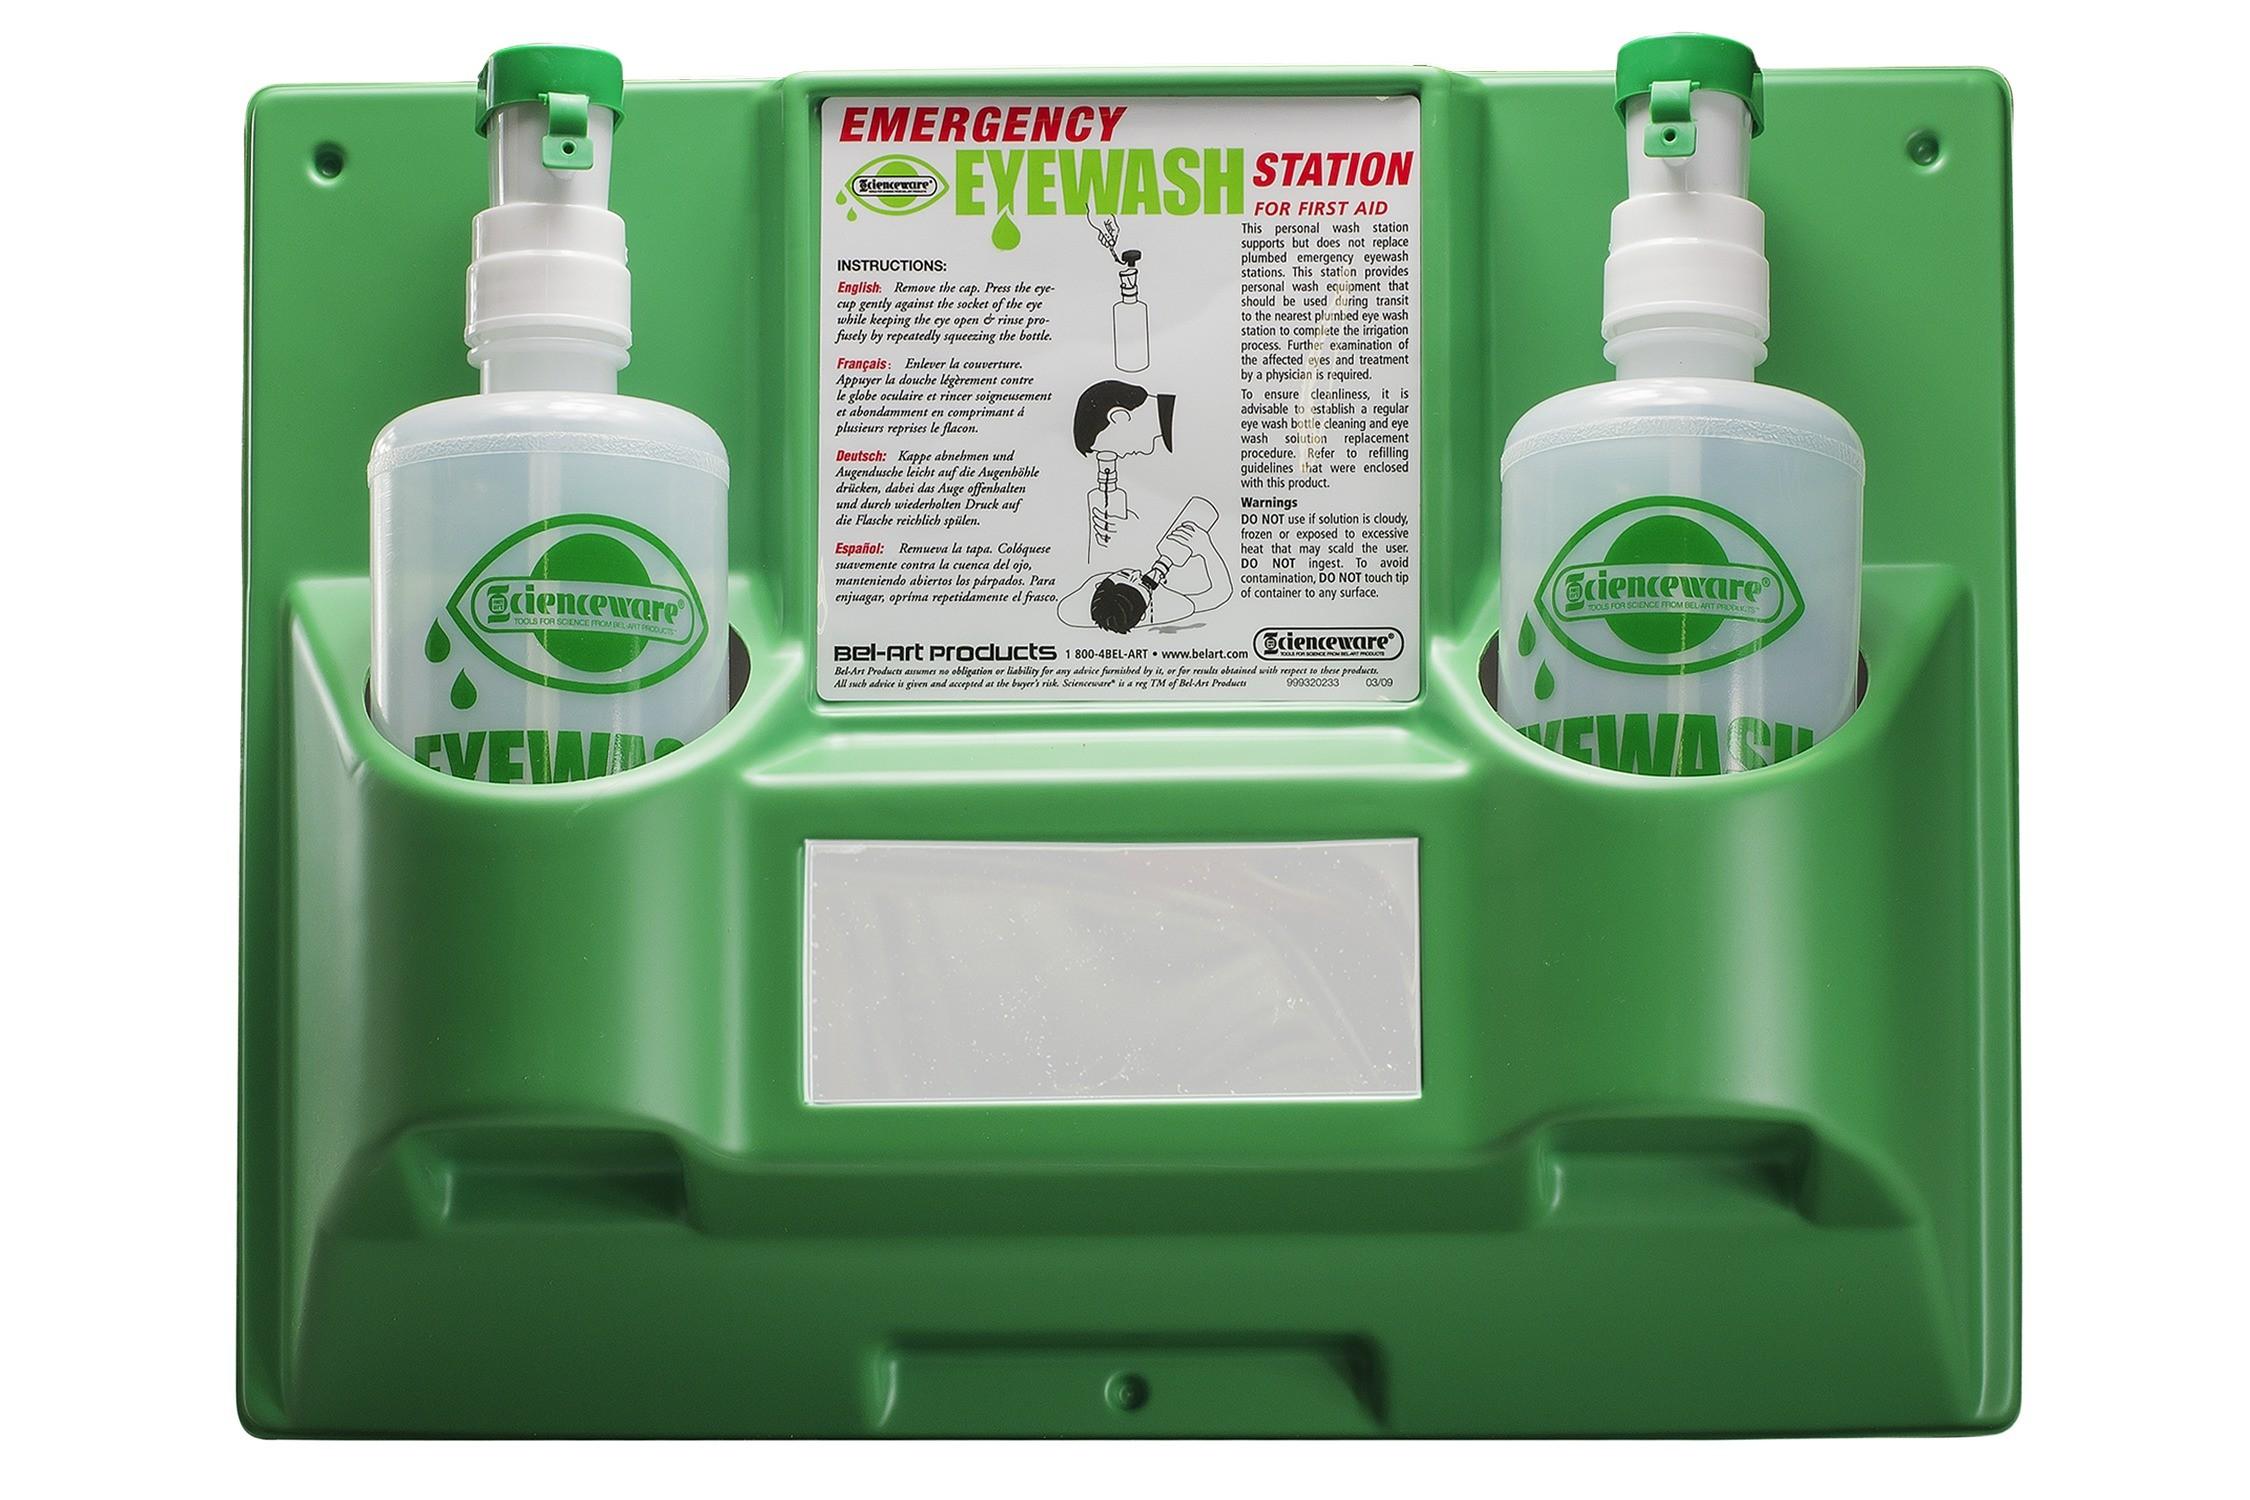 Emergency Eye Wash Safety Stations